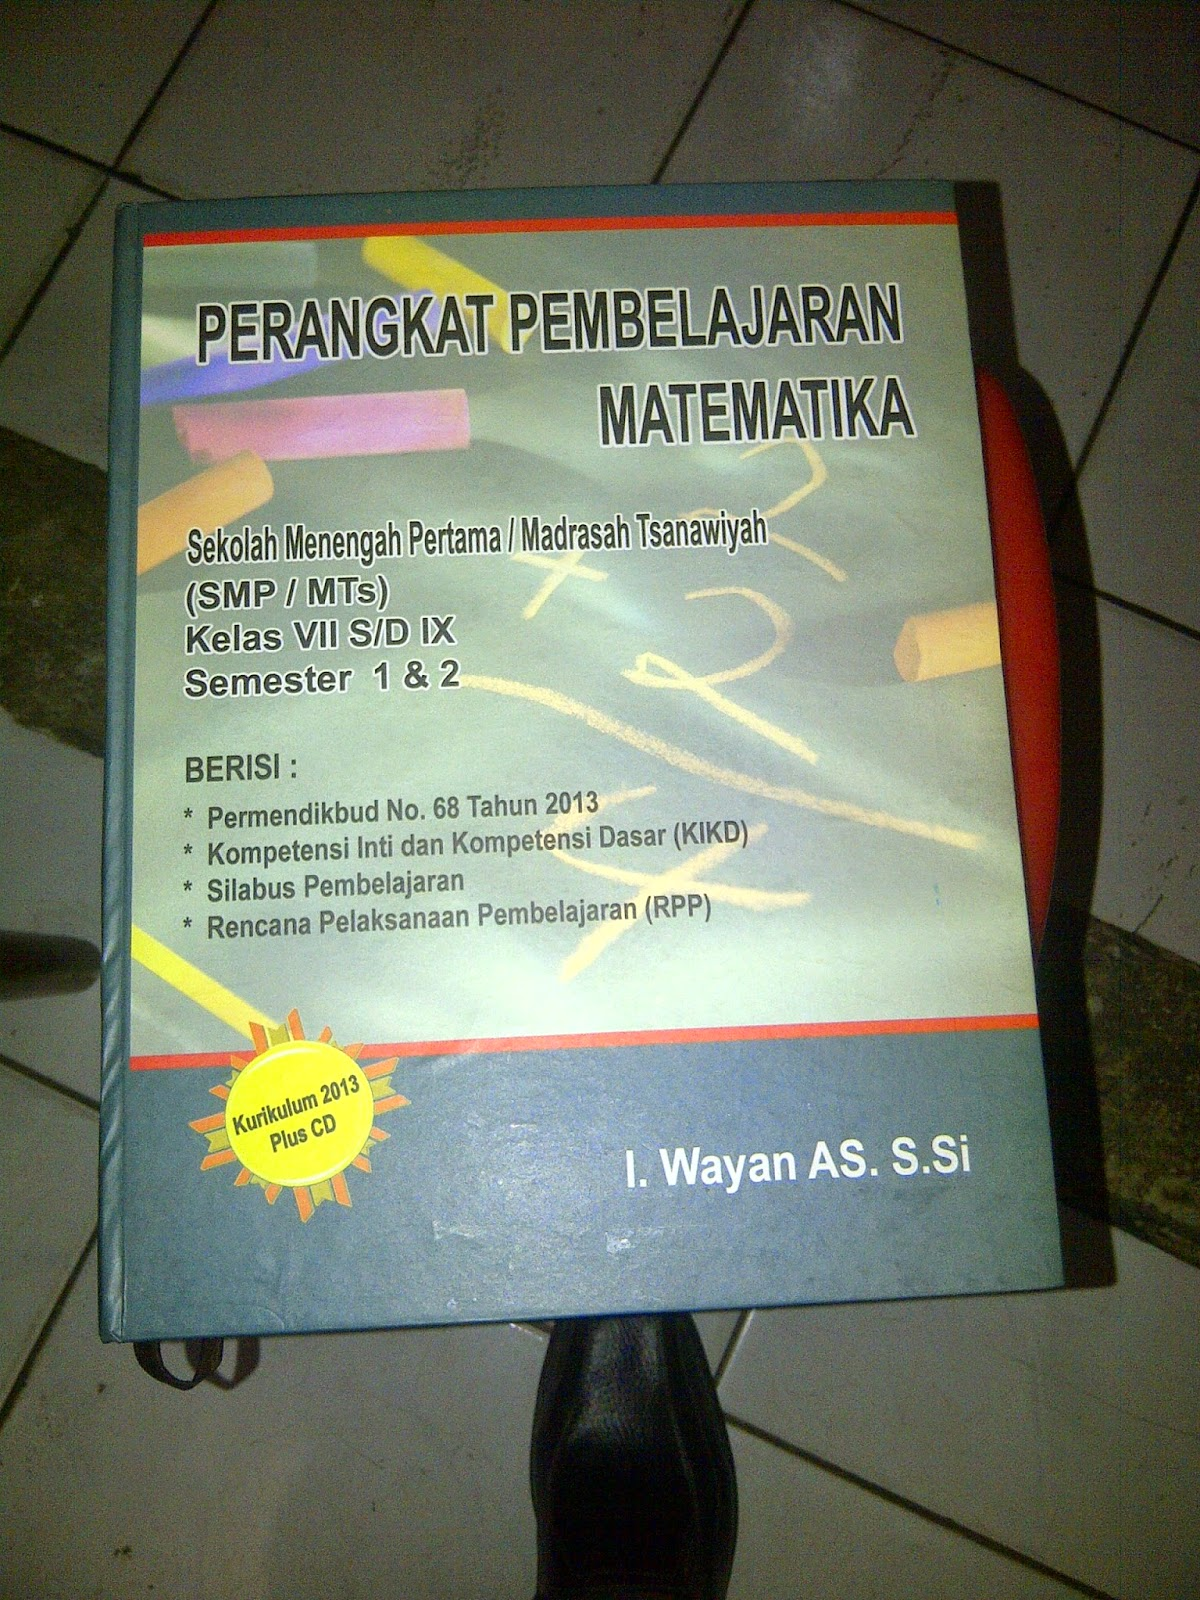 Buku Perangkat Pembelajaran Matematika Untuk Sekolah Tingkat SMP MTs terbaru dan terlengkap